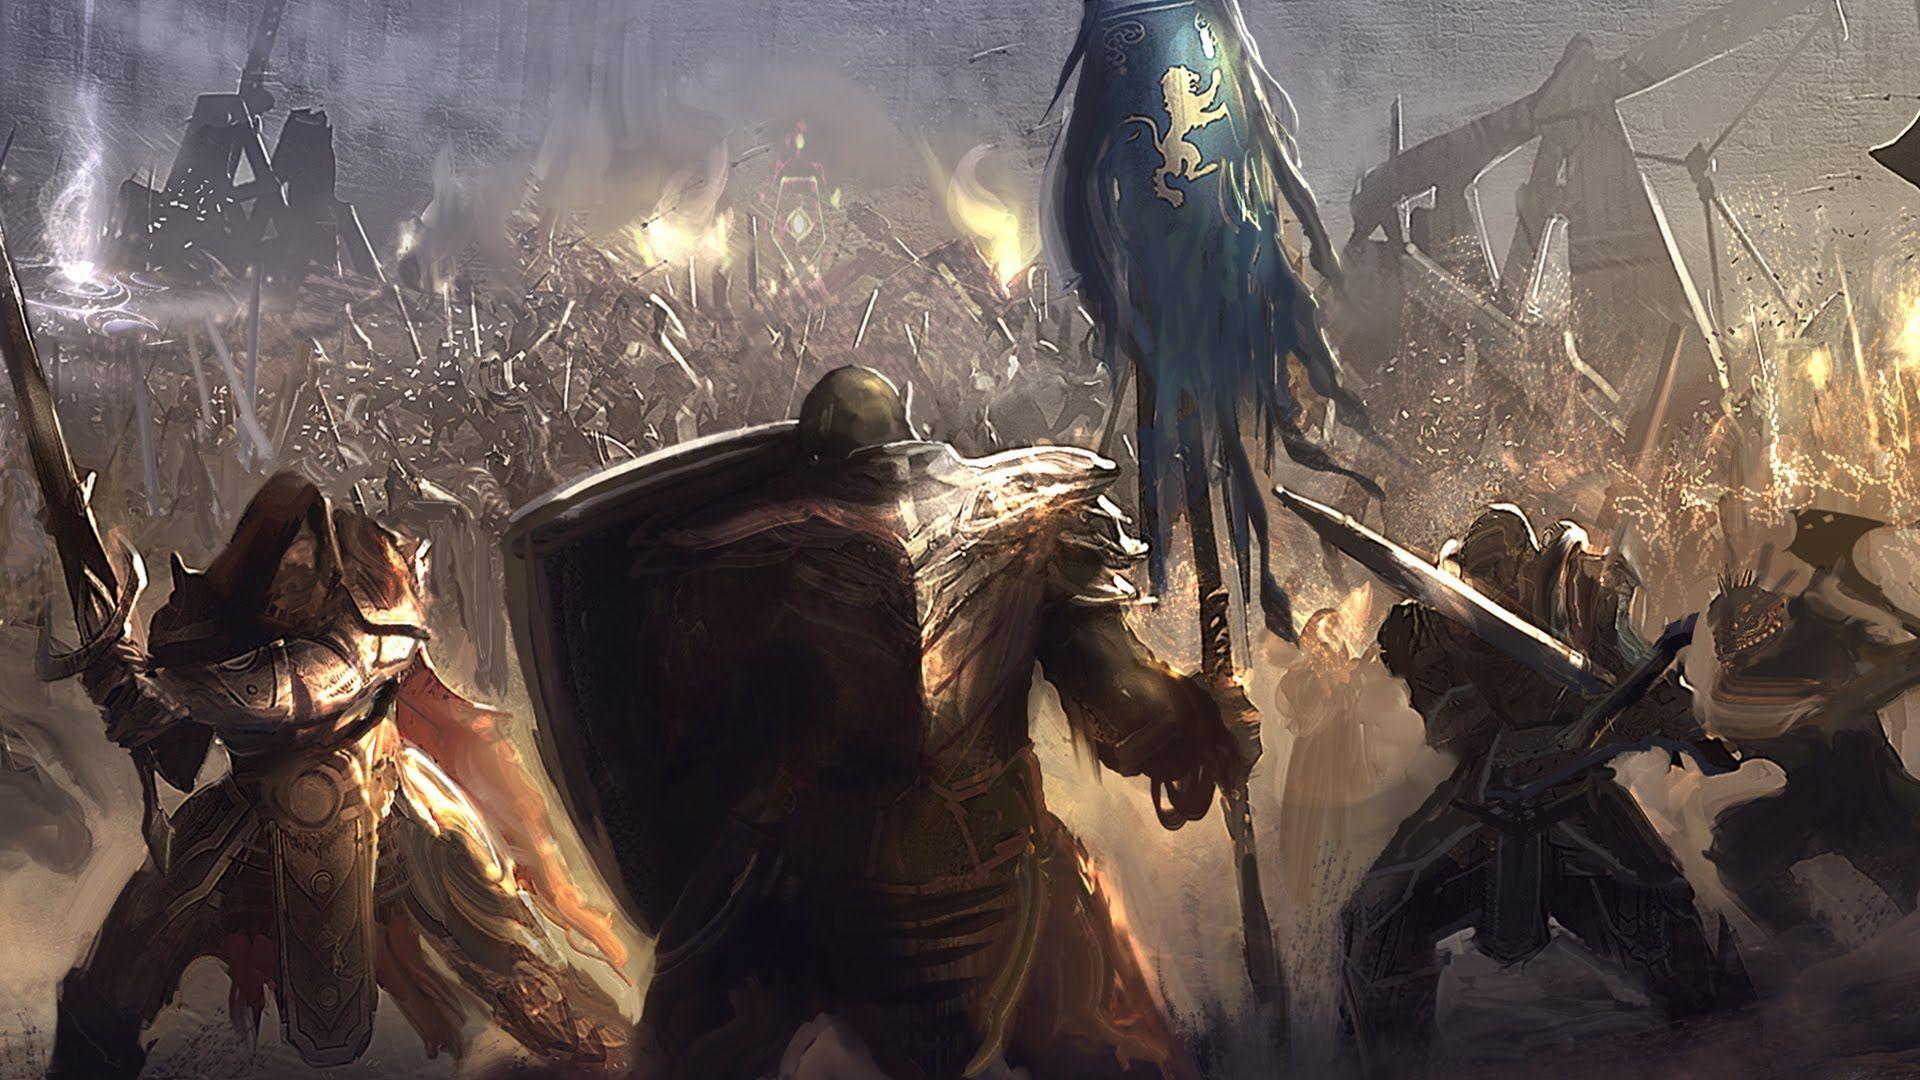 The Elder Scrolls Online Wallpapers Wallpaper Cave